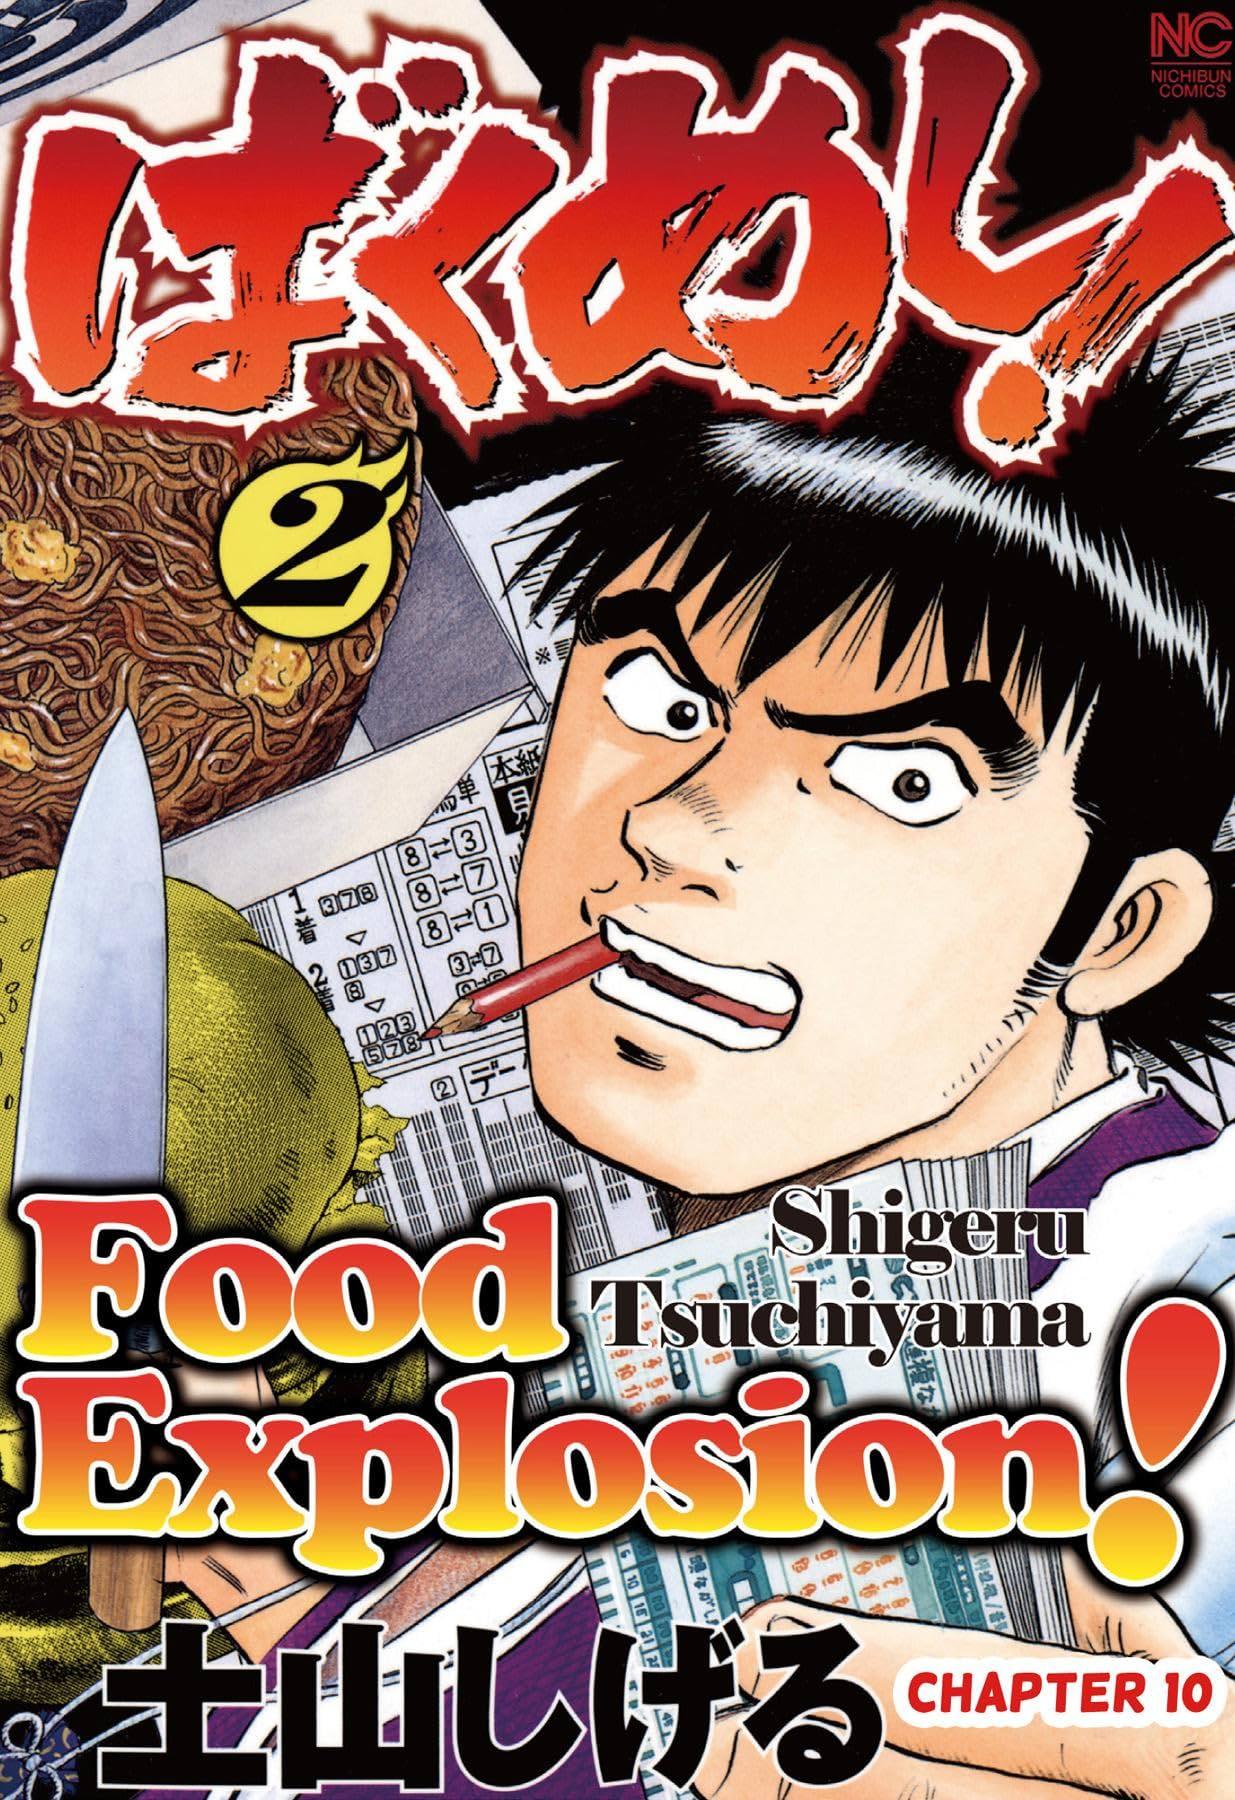 FOOD EXPLOSION #10